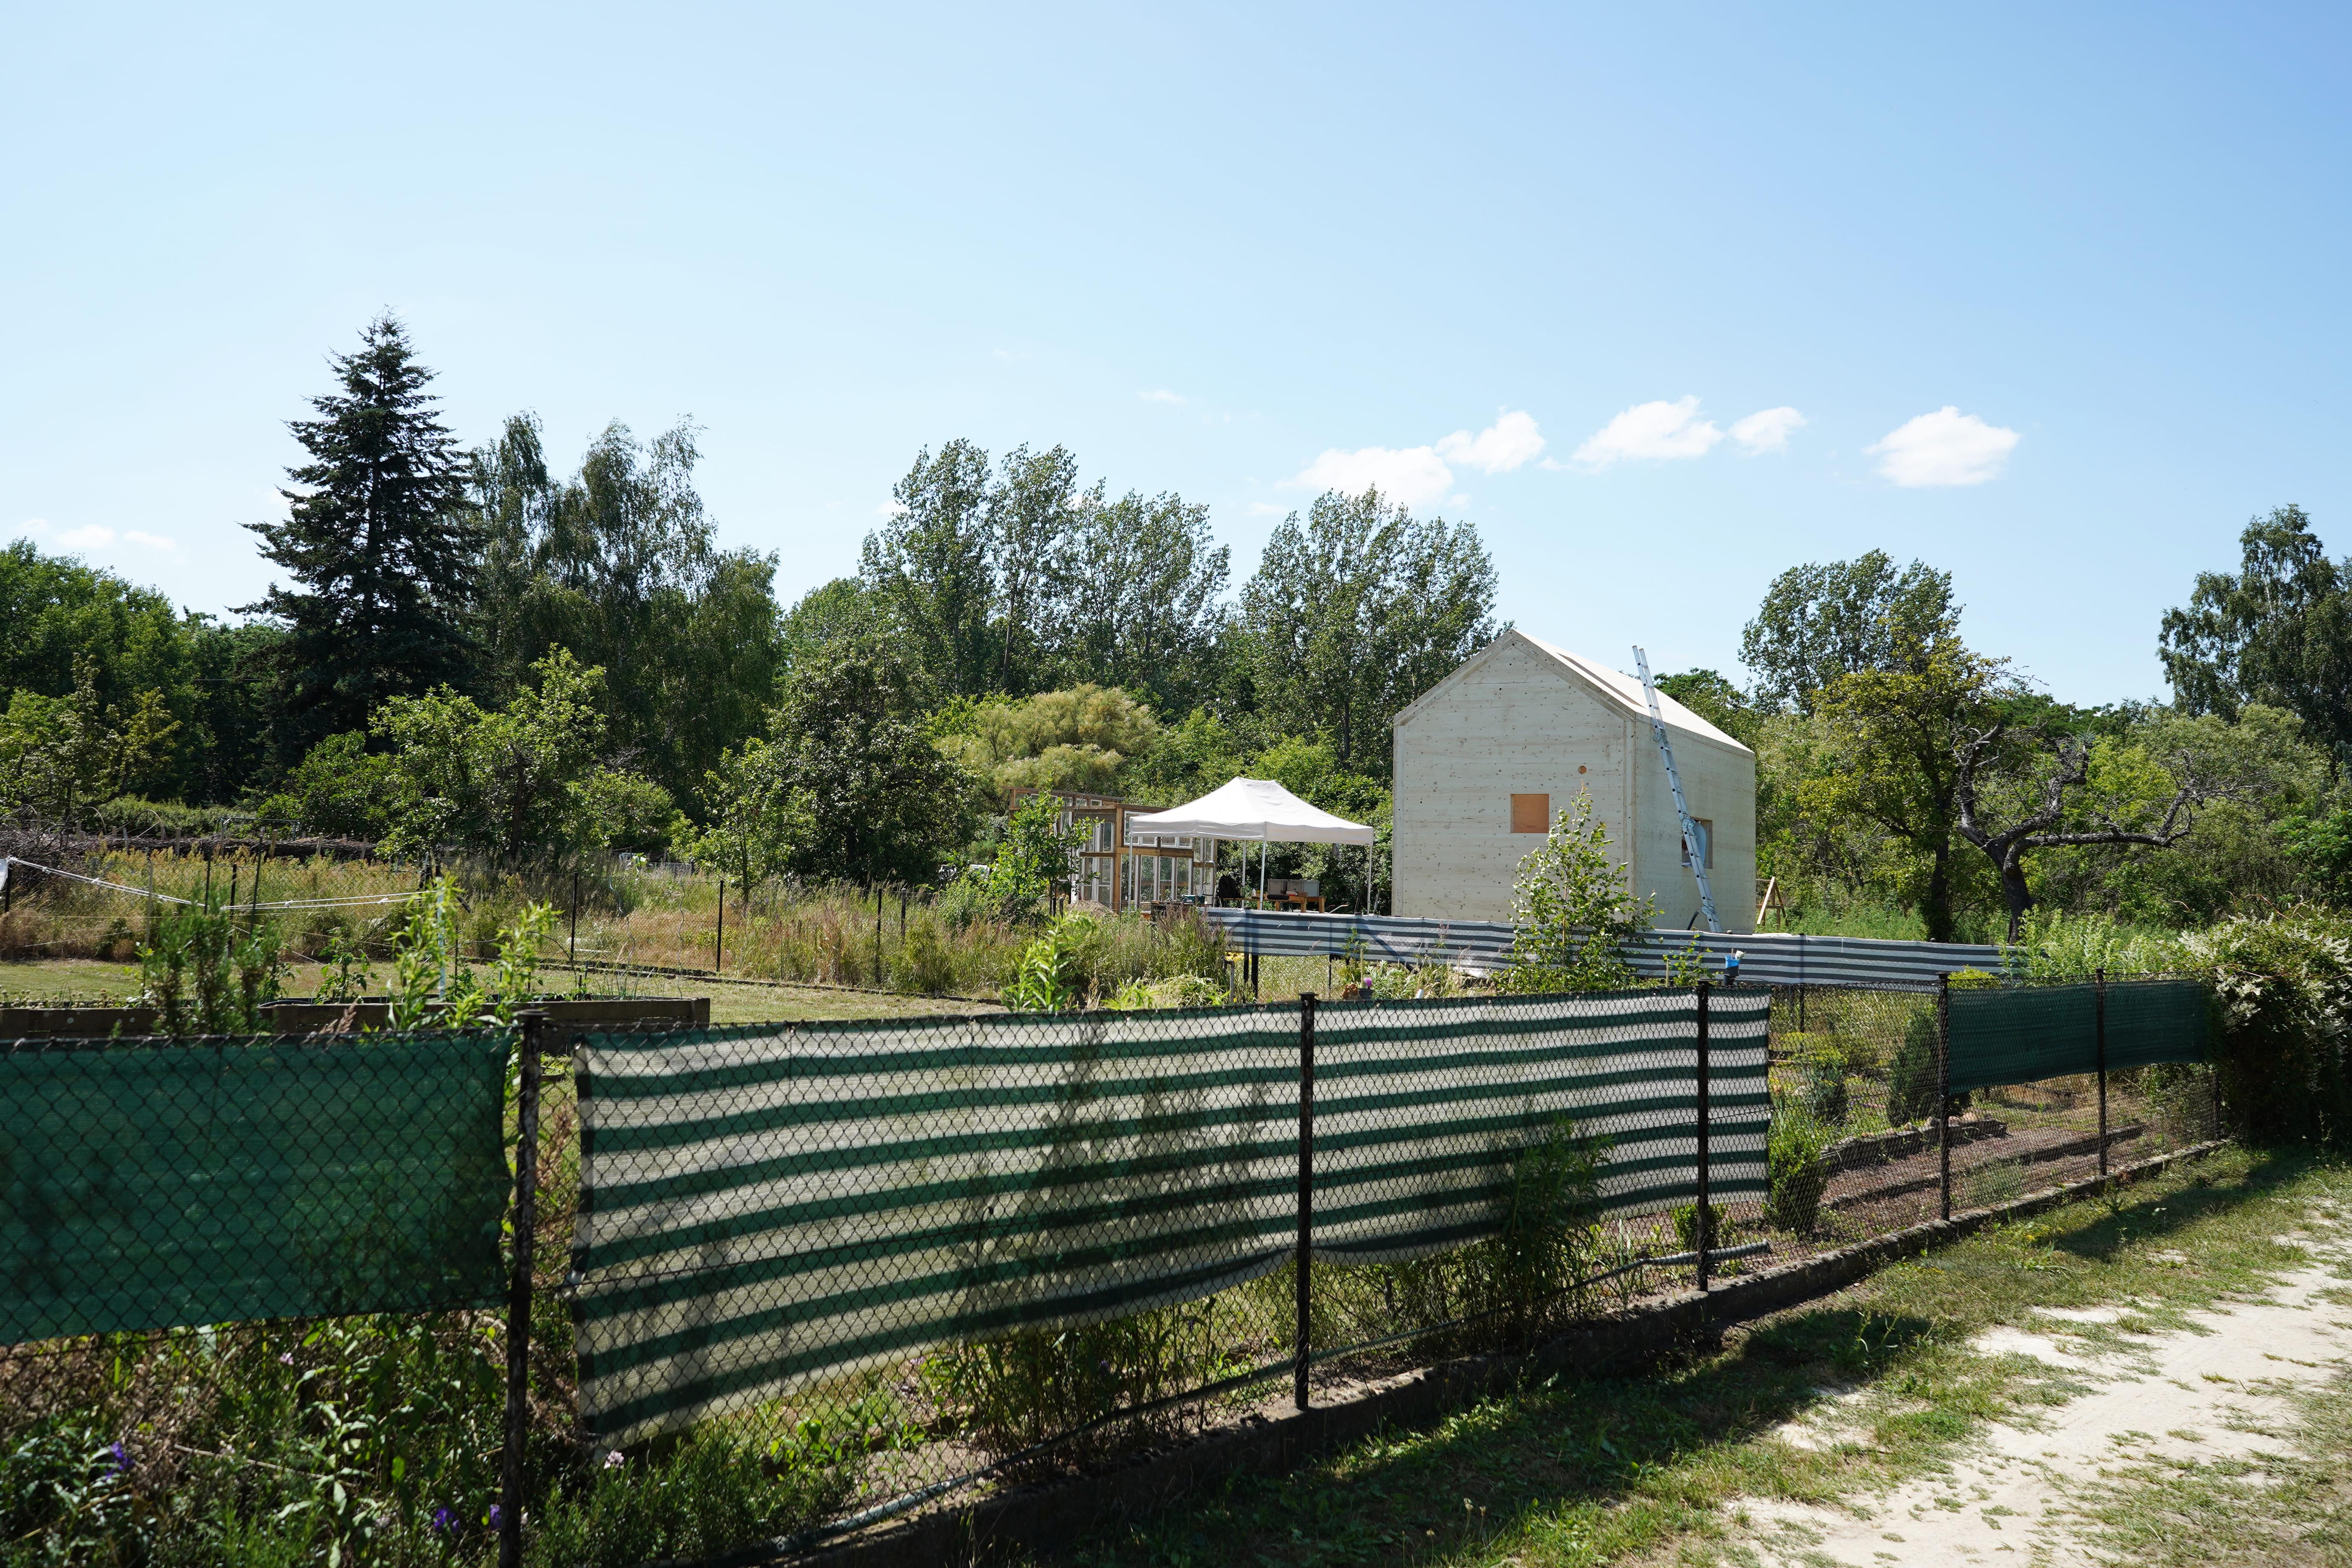 Blick auf Gartengrundstück und Tiny House während der Bauphase im Juli 2021. Foto: Valentina Troendle